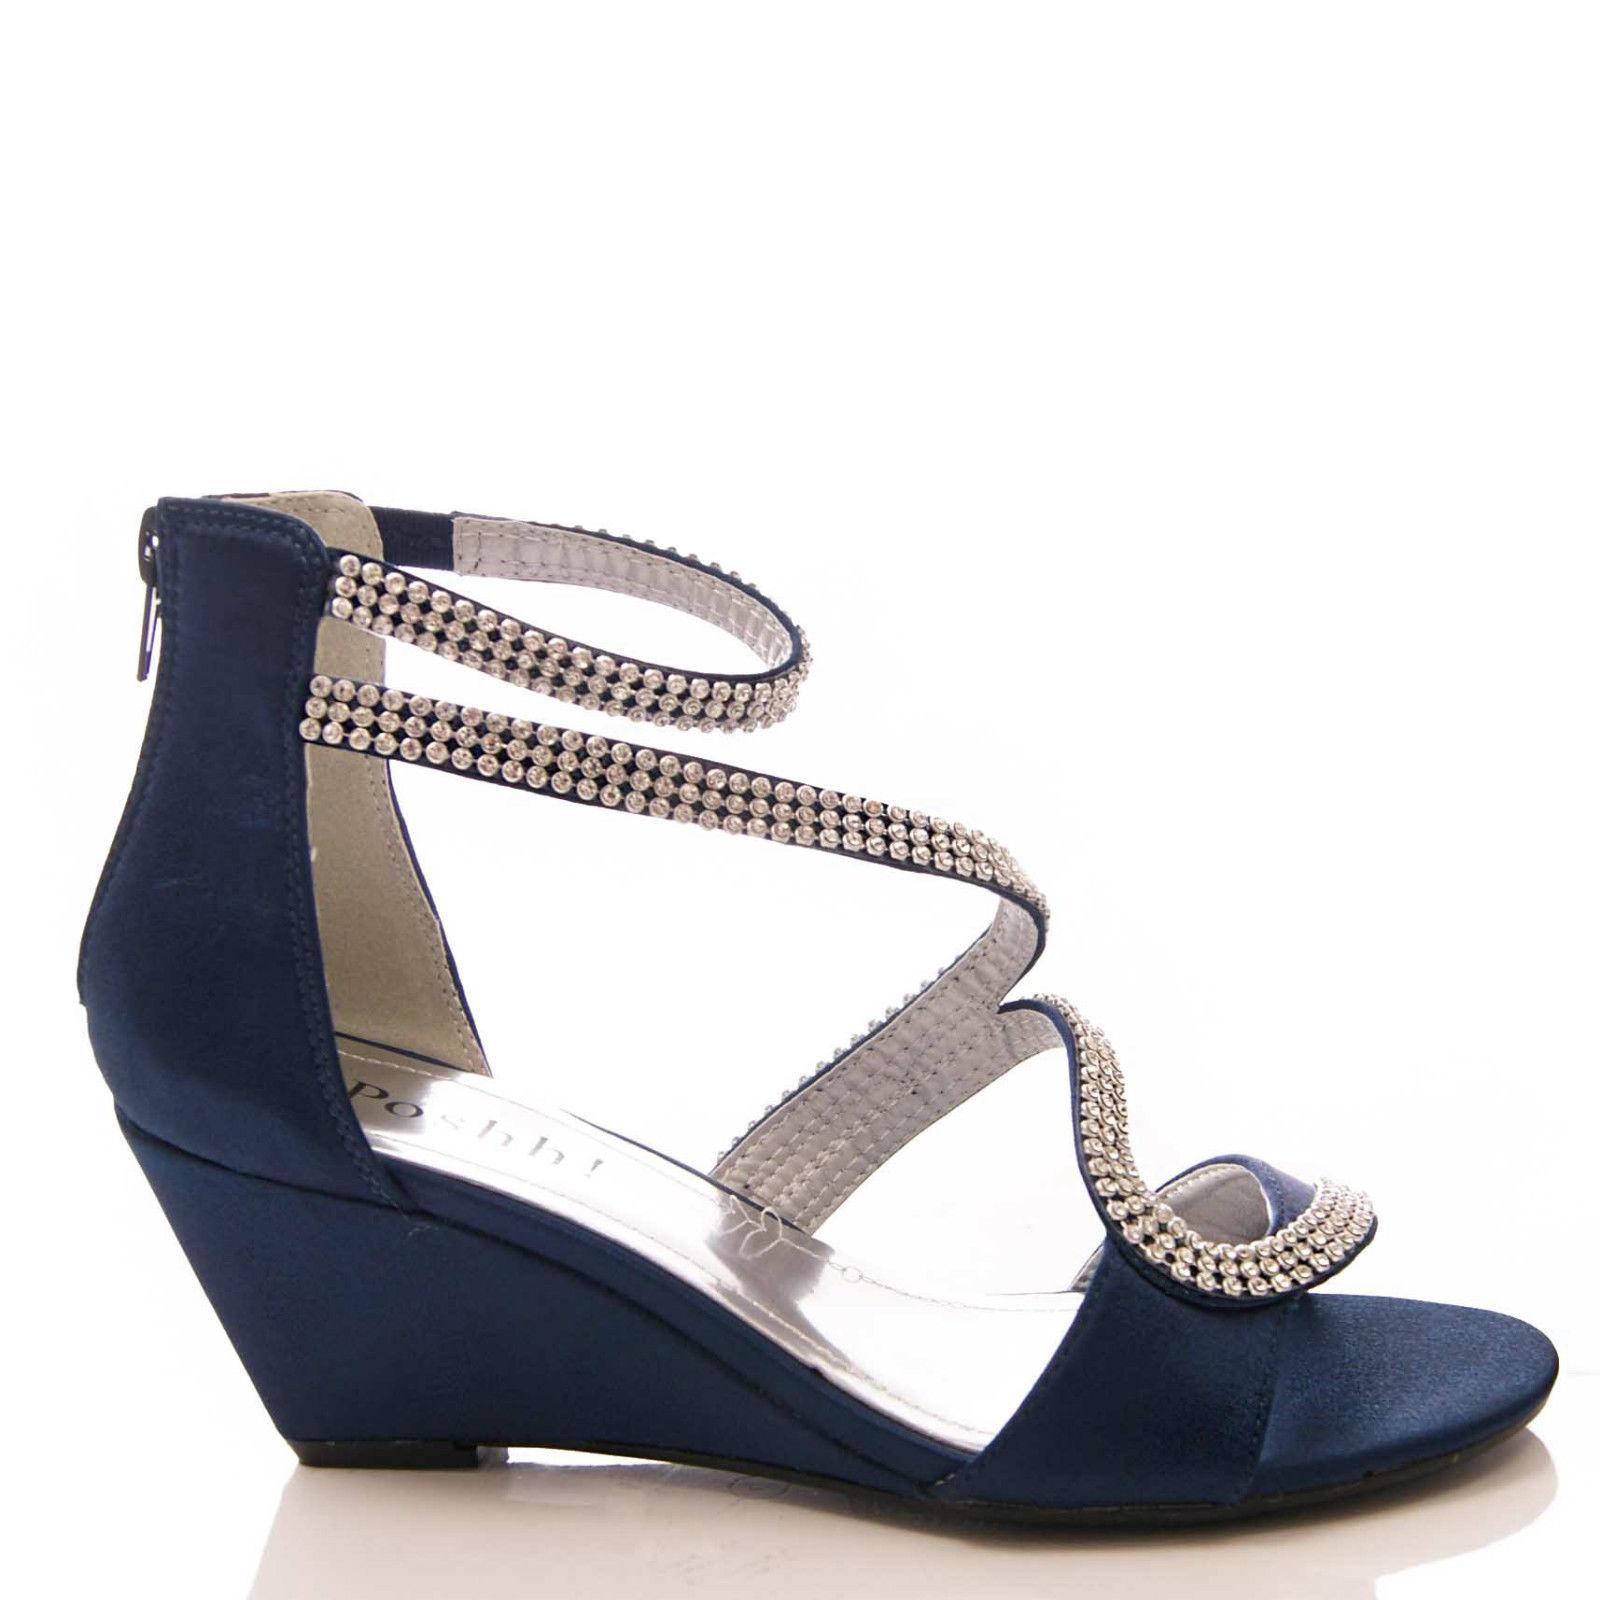 Tmavě modré společenské sandálky, 36-41 - Obrázek č. 3